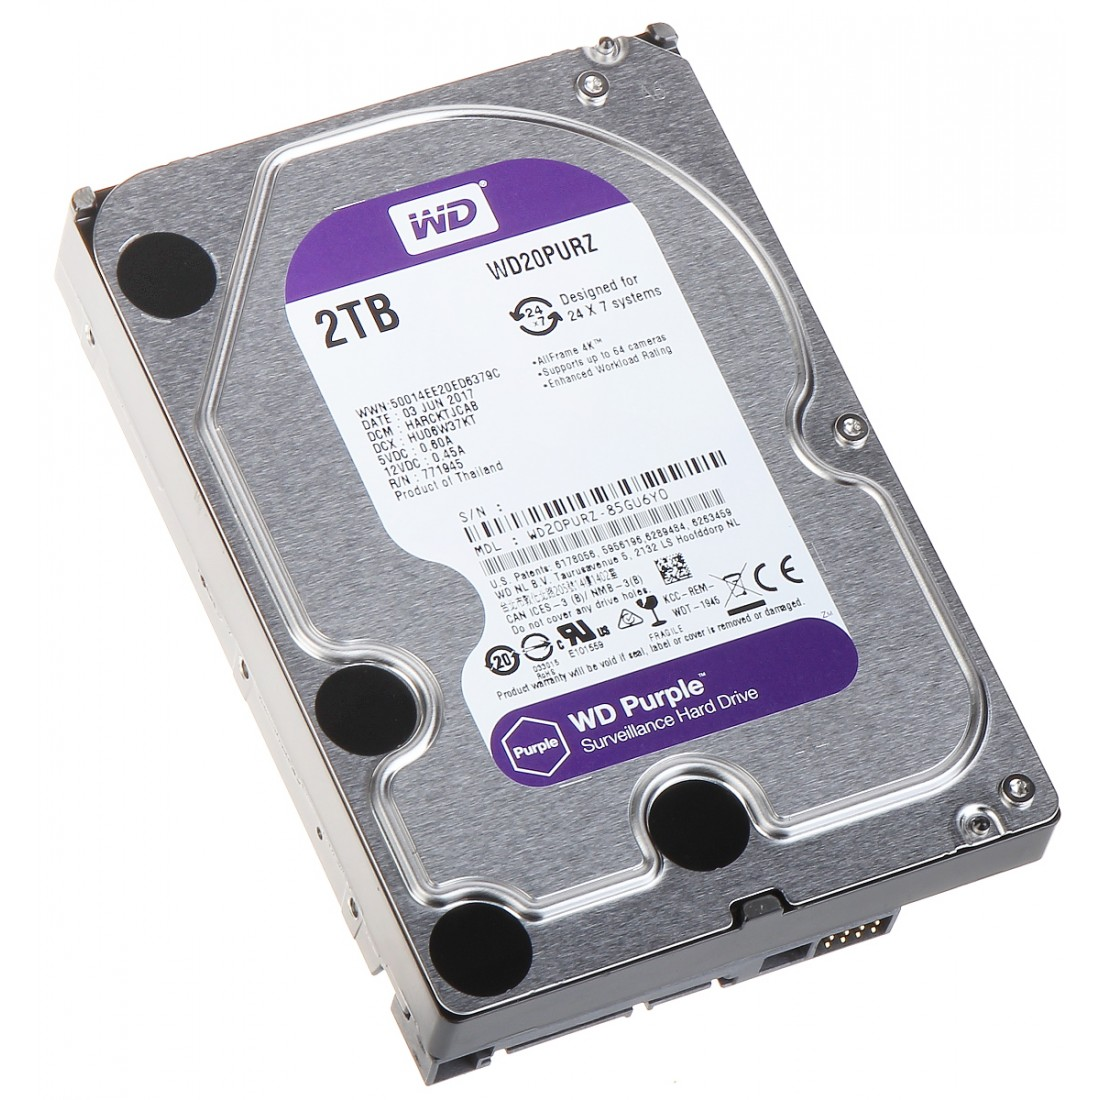 HDD PRE DVR HDD-WD20PURZ 2TB 24/7 WESTERN DIGITAL